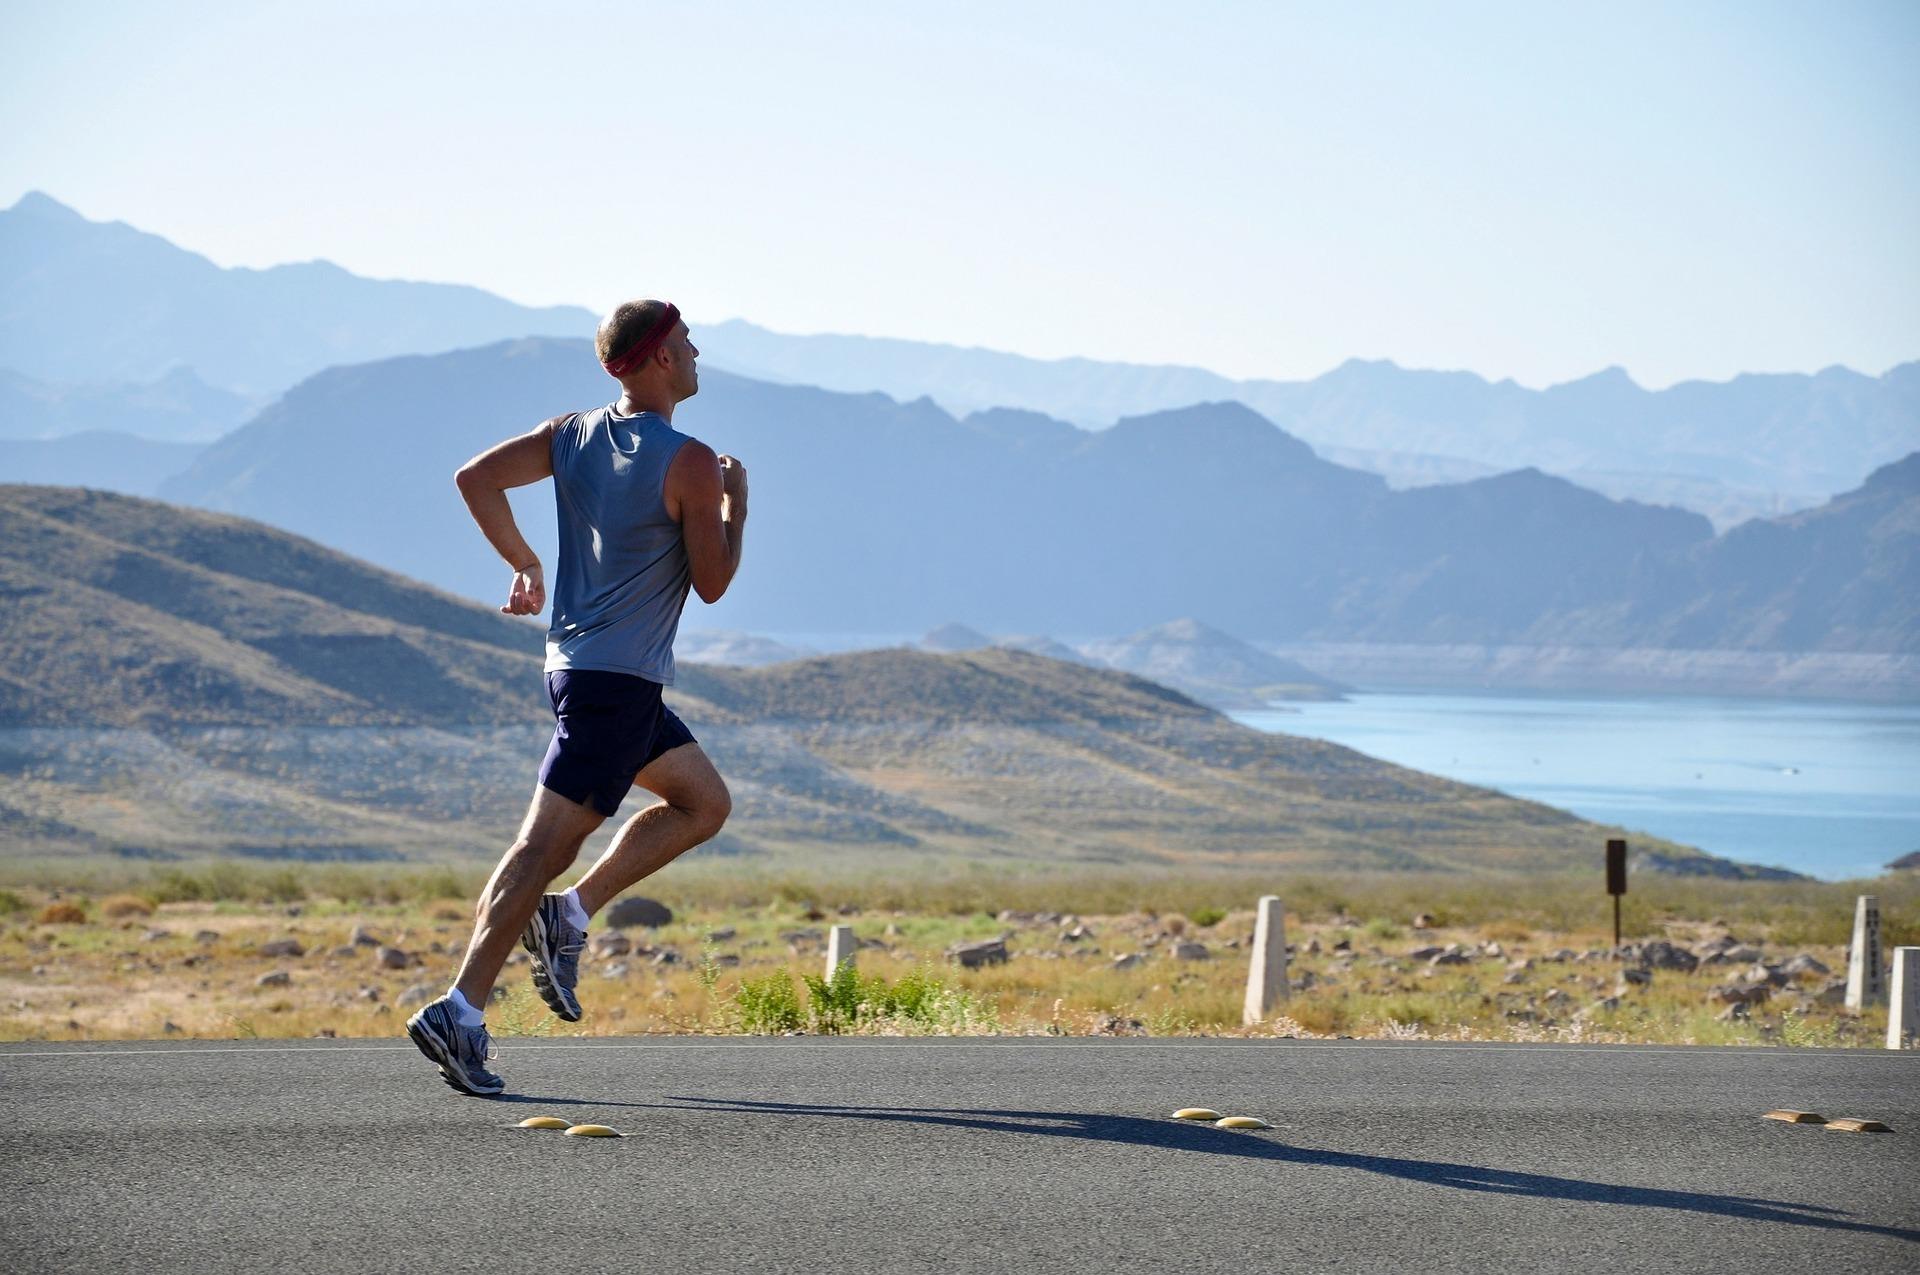 runner-1814460_1920.jpg